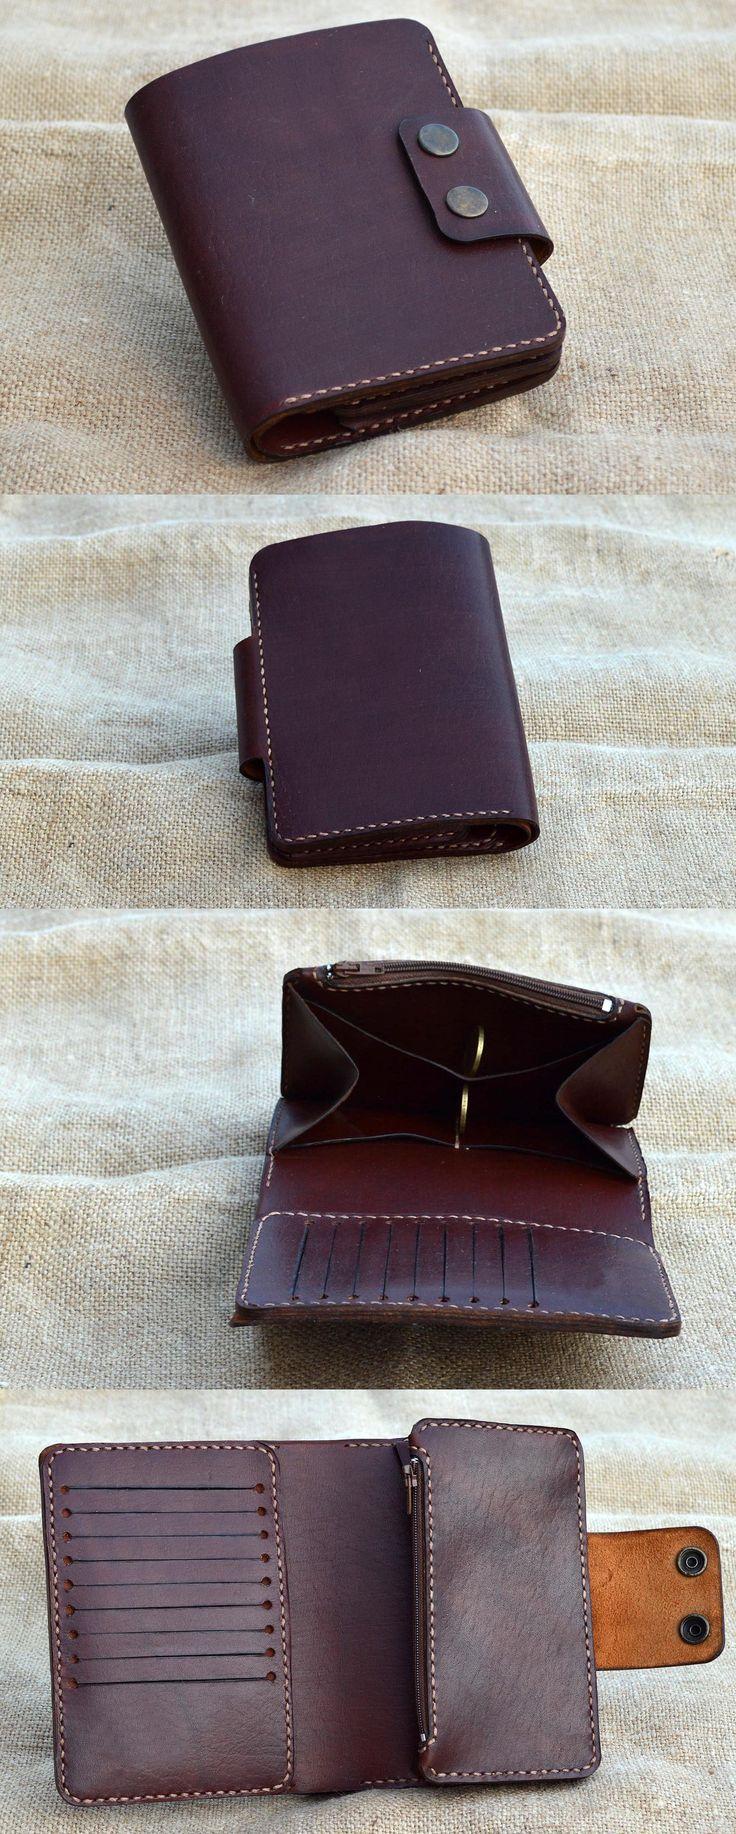 Мужской бумажник из натуральной кожи, ручной работы. Картхолдер на 9 карт., карман под купюры, карман на молнии, для мелочи, карман под автодокументы, для паспорта/смартфона, карман для визиток. Возможны другие цвета.